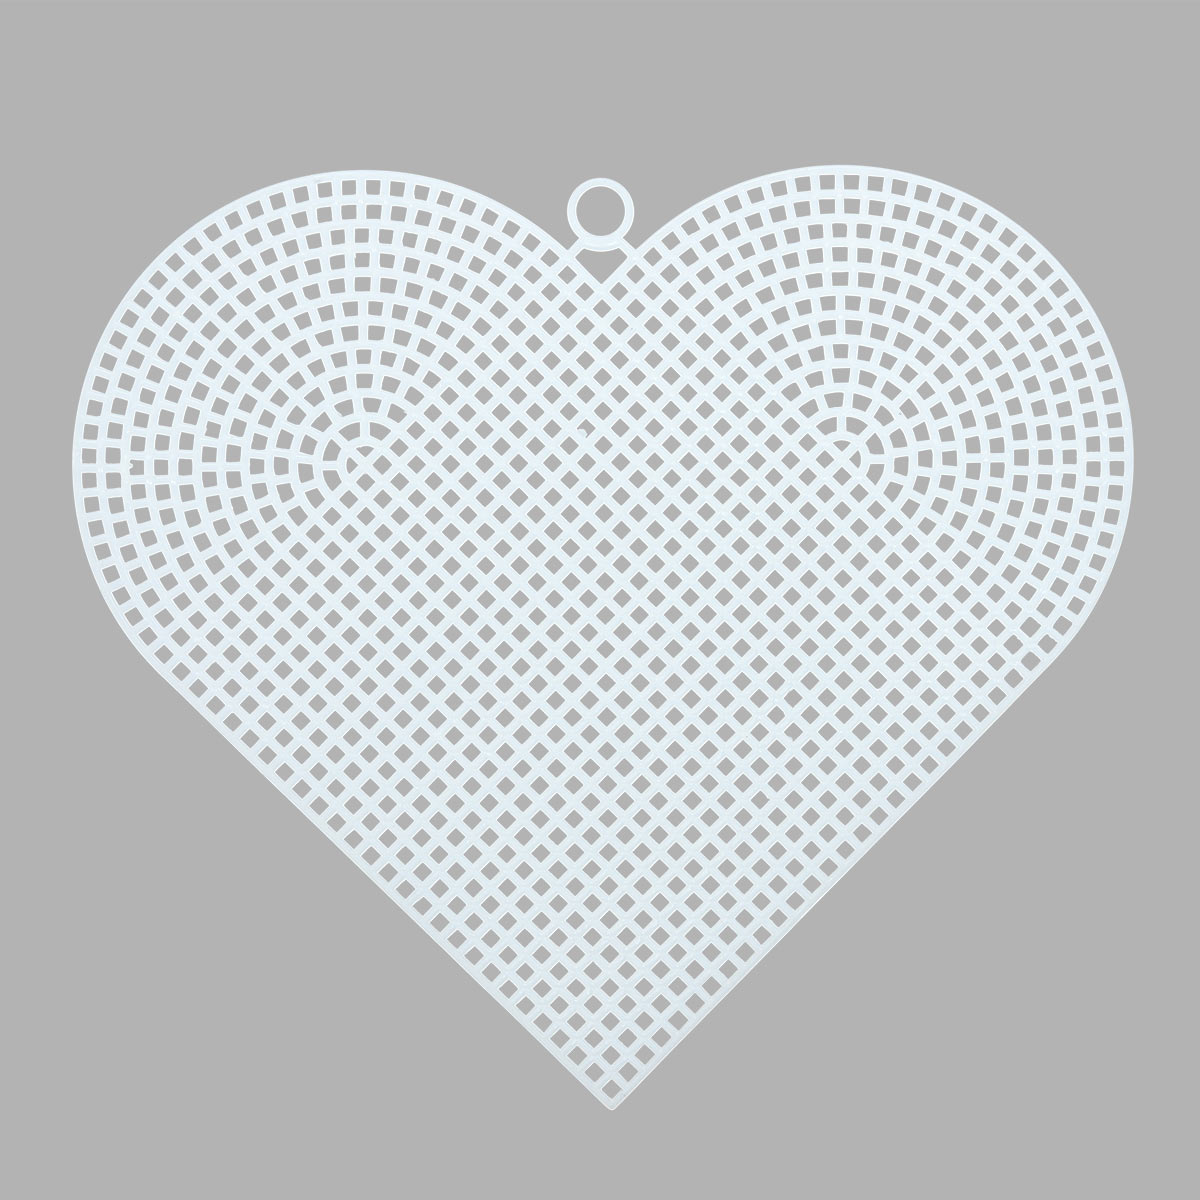 Канва пластиковая, больш. 'Сердце', 17*15 см, Bestex